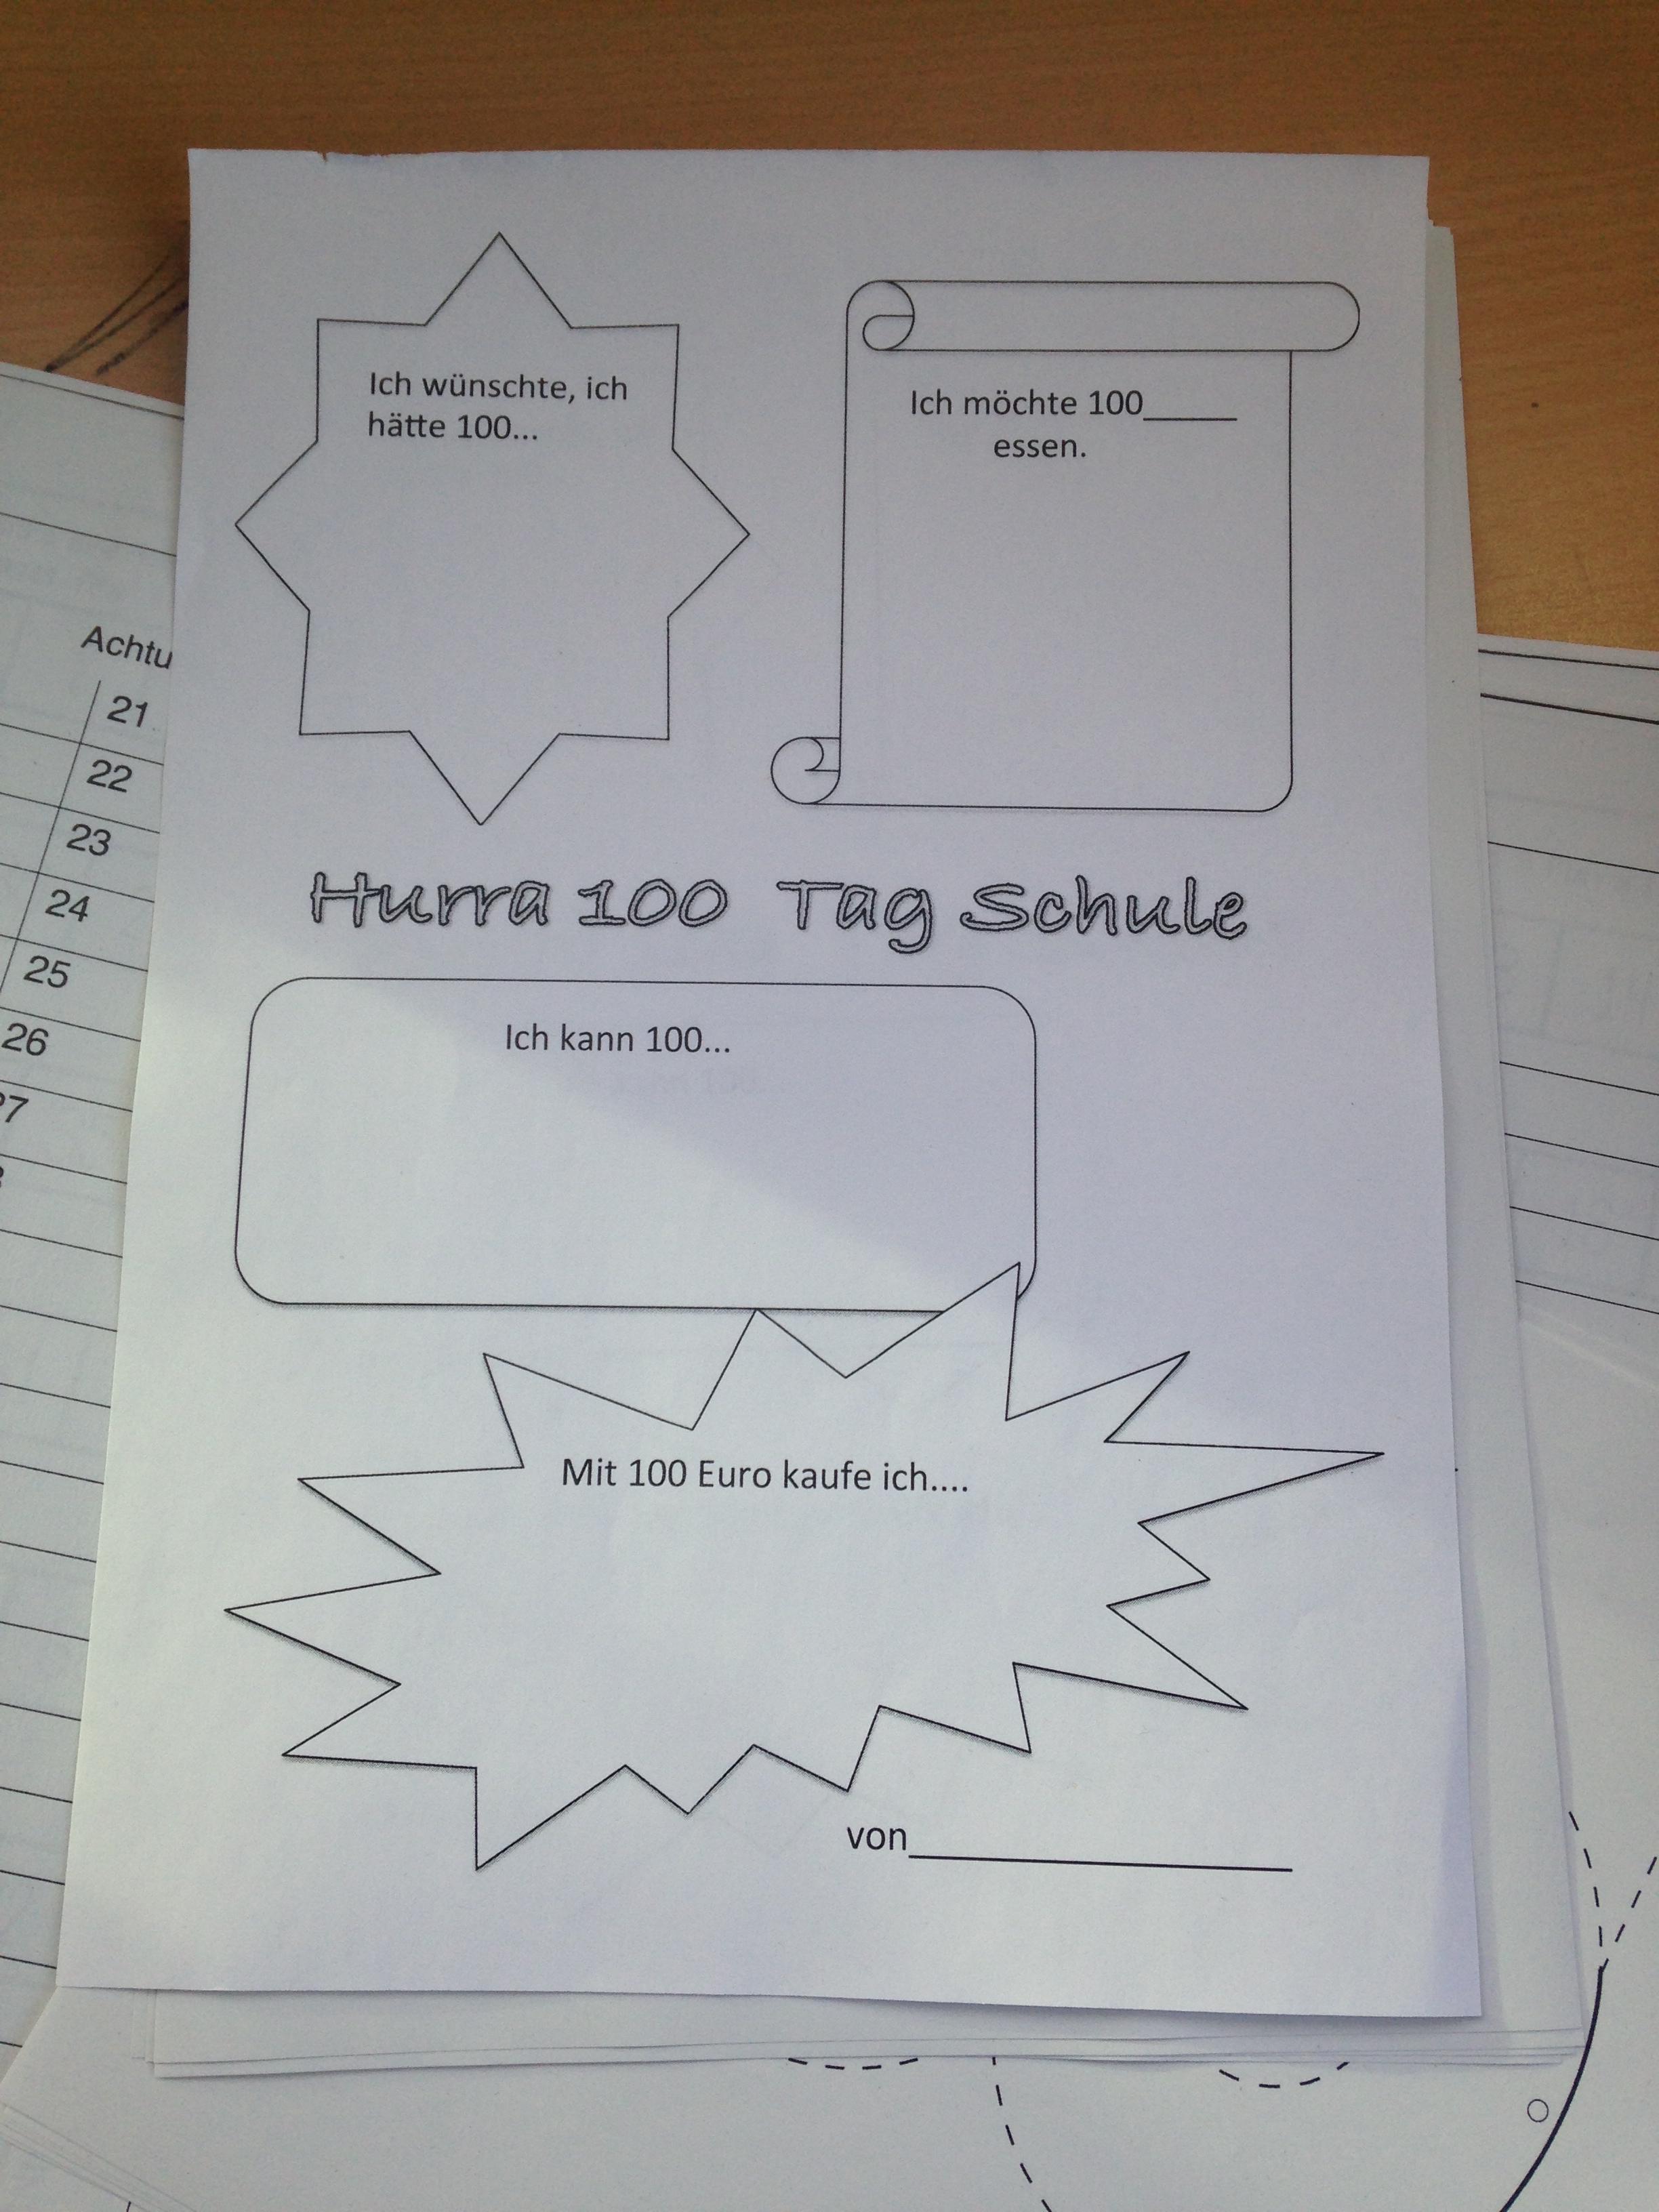 Großzügig 100 Tage Mathe Arbeitsblatt Fotos - Super Lehrer ...